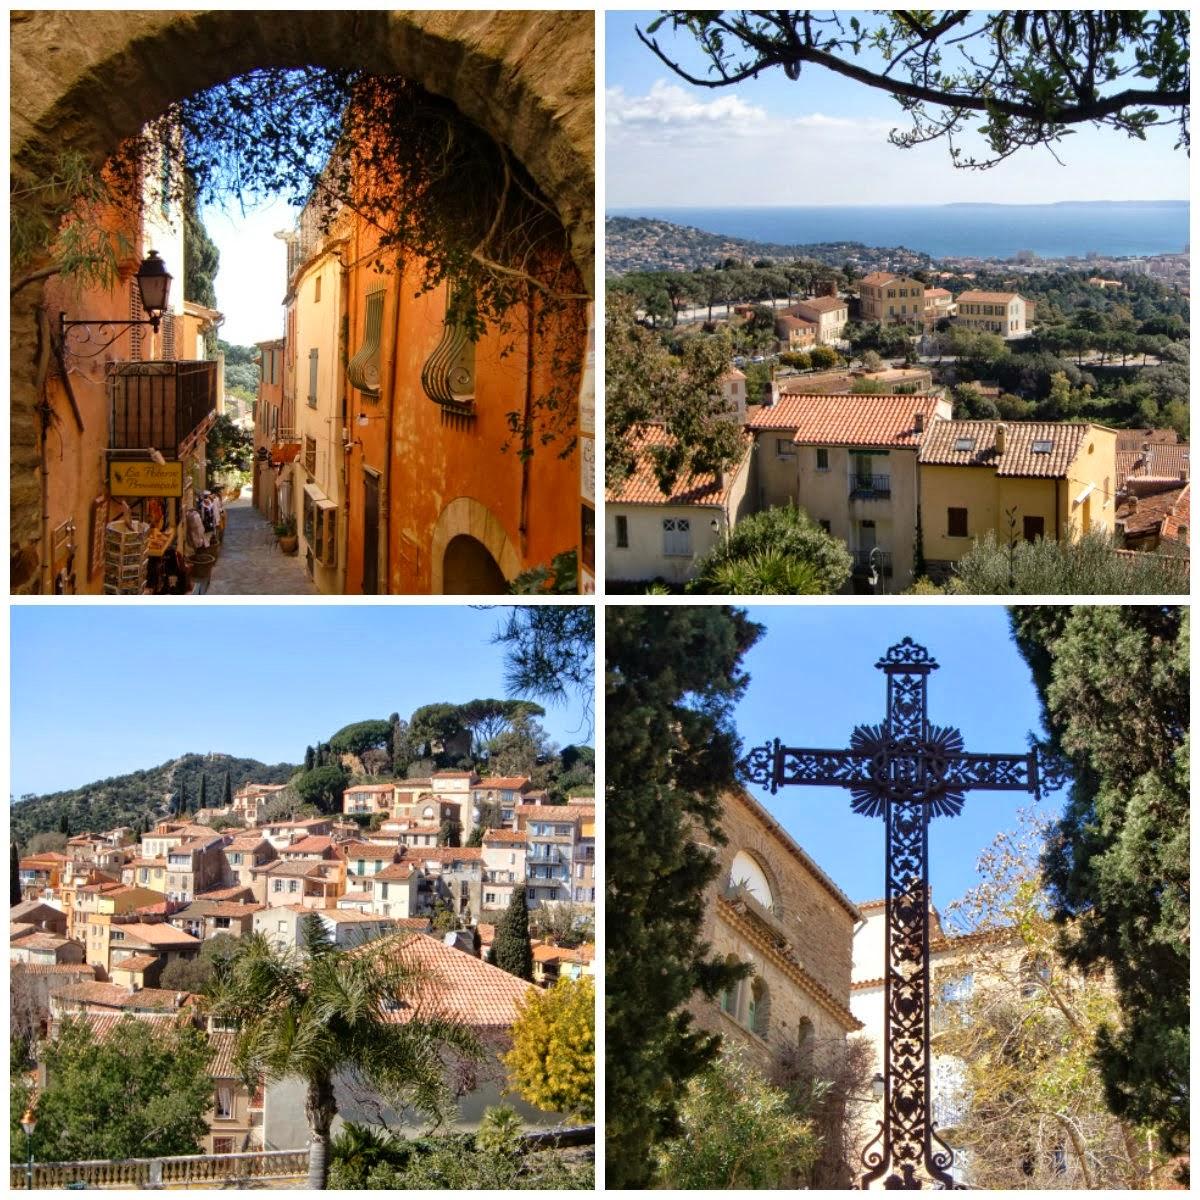 Mine 4 favorittsteder å besøke i Sør-Frankrike.